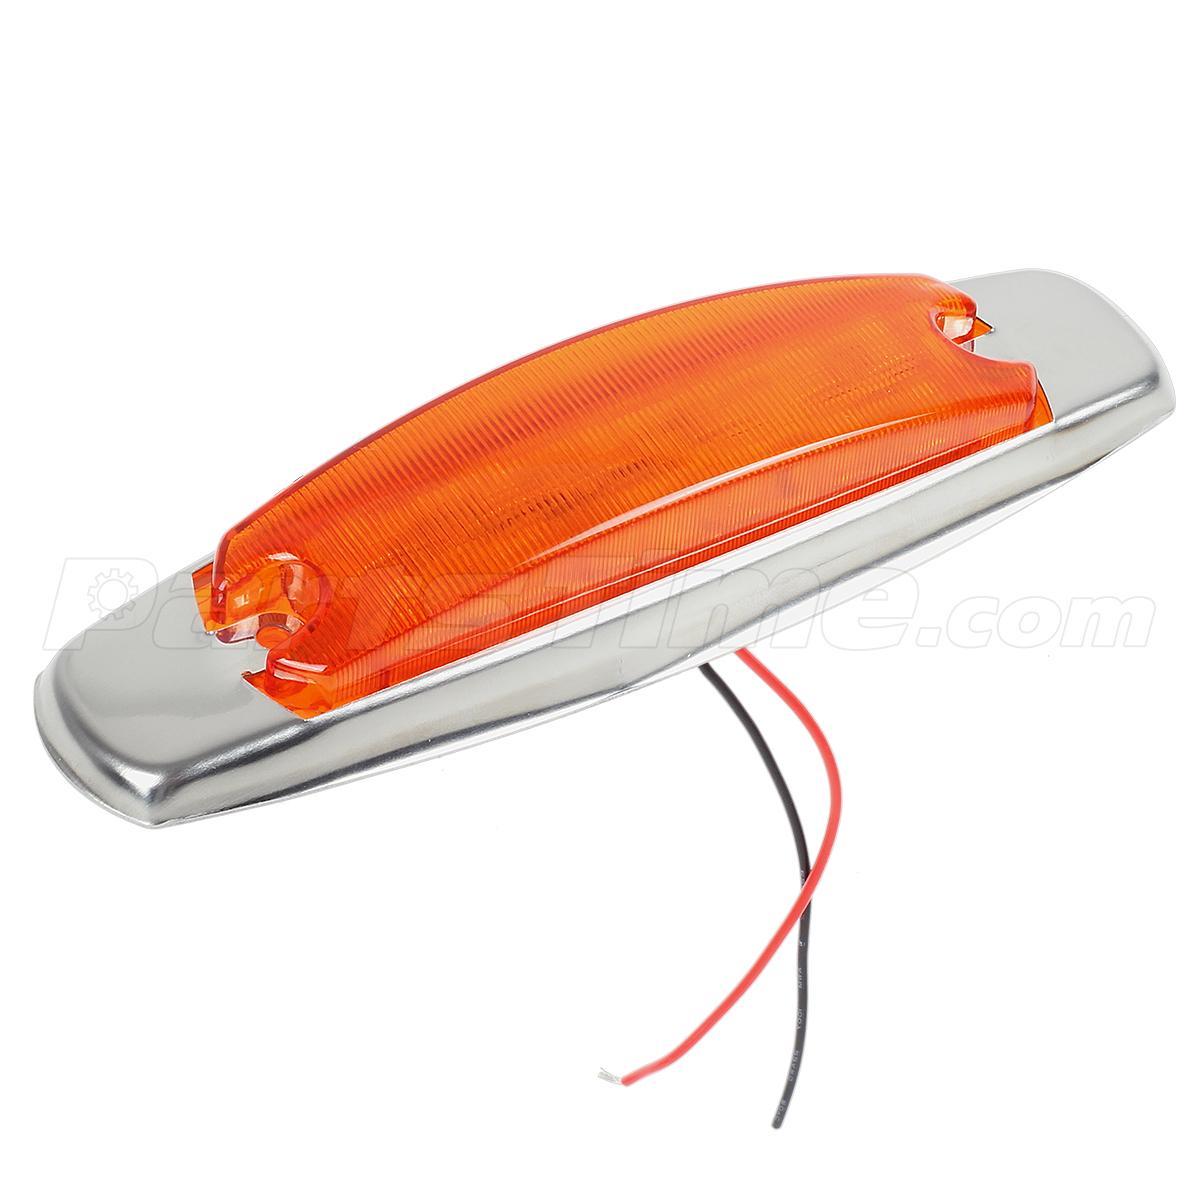 10pcs amber 12 diodes peterbilt style led marker light. Black Bedroom Furniture Sets. Home Design Ideas